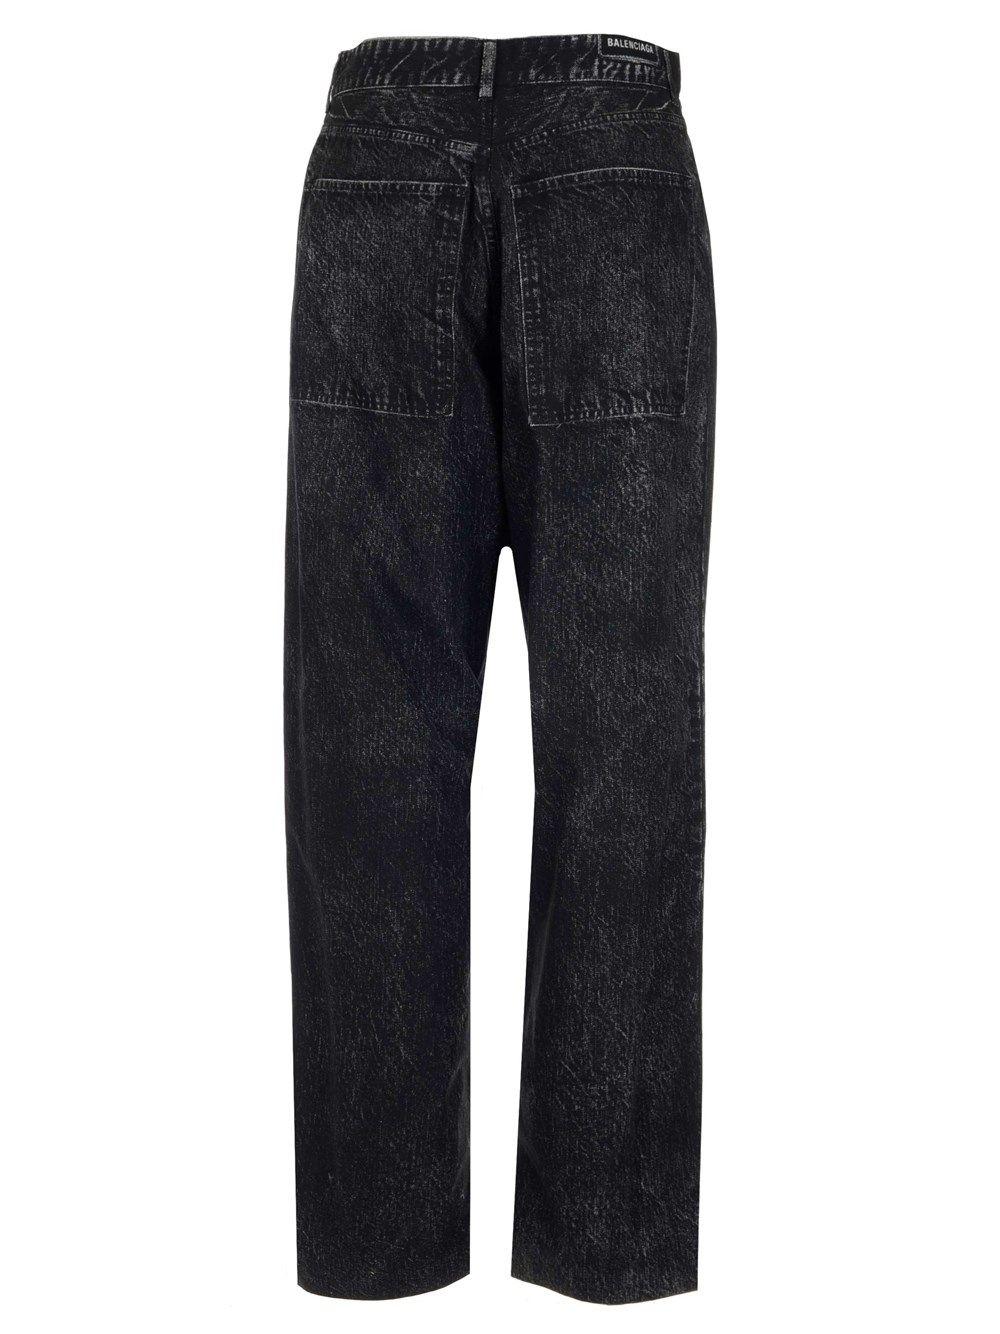 BALENCIAGA Jeans BALENCIAGA WOMEN'S BLACK OTHER MATERIALS JEANS